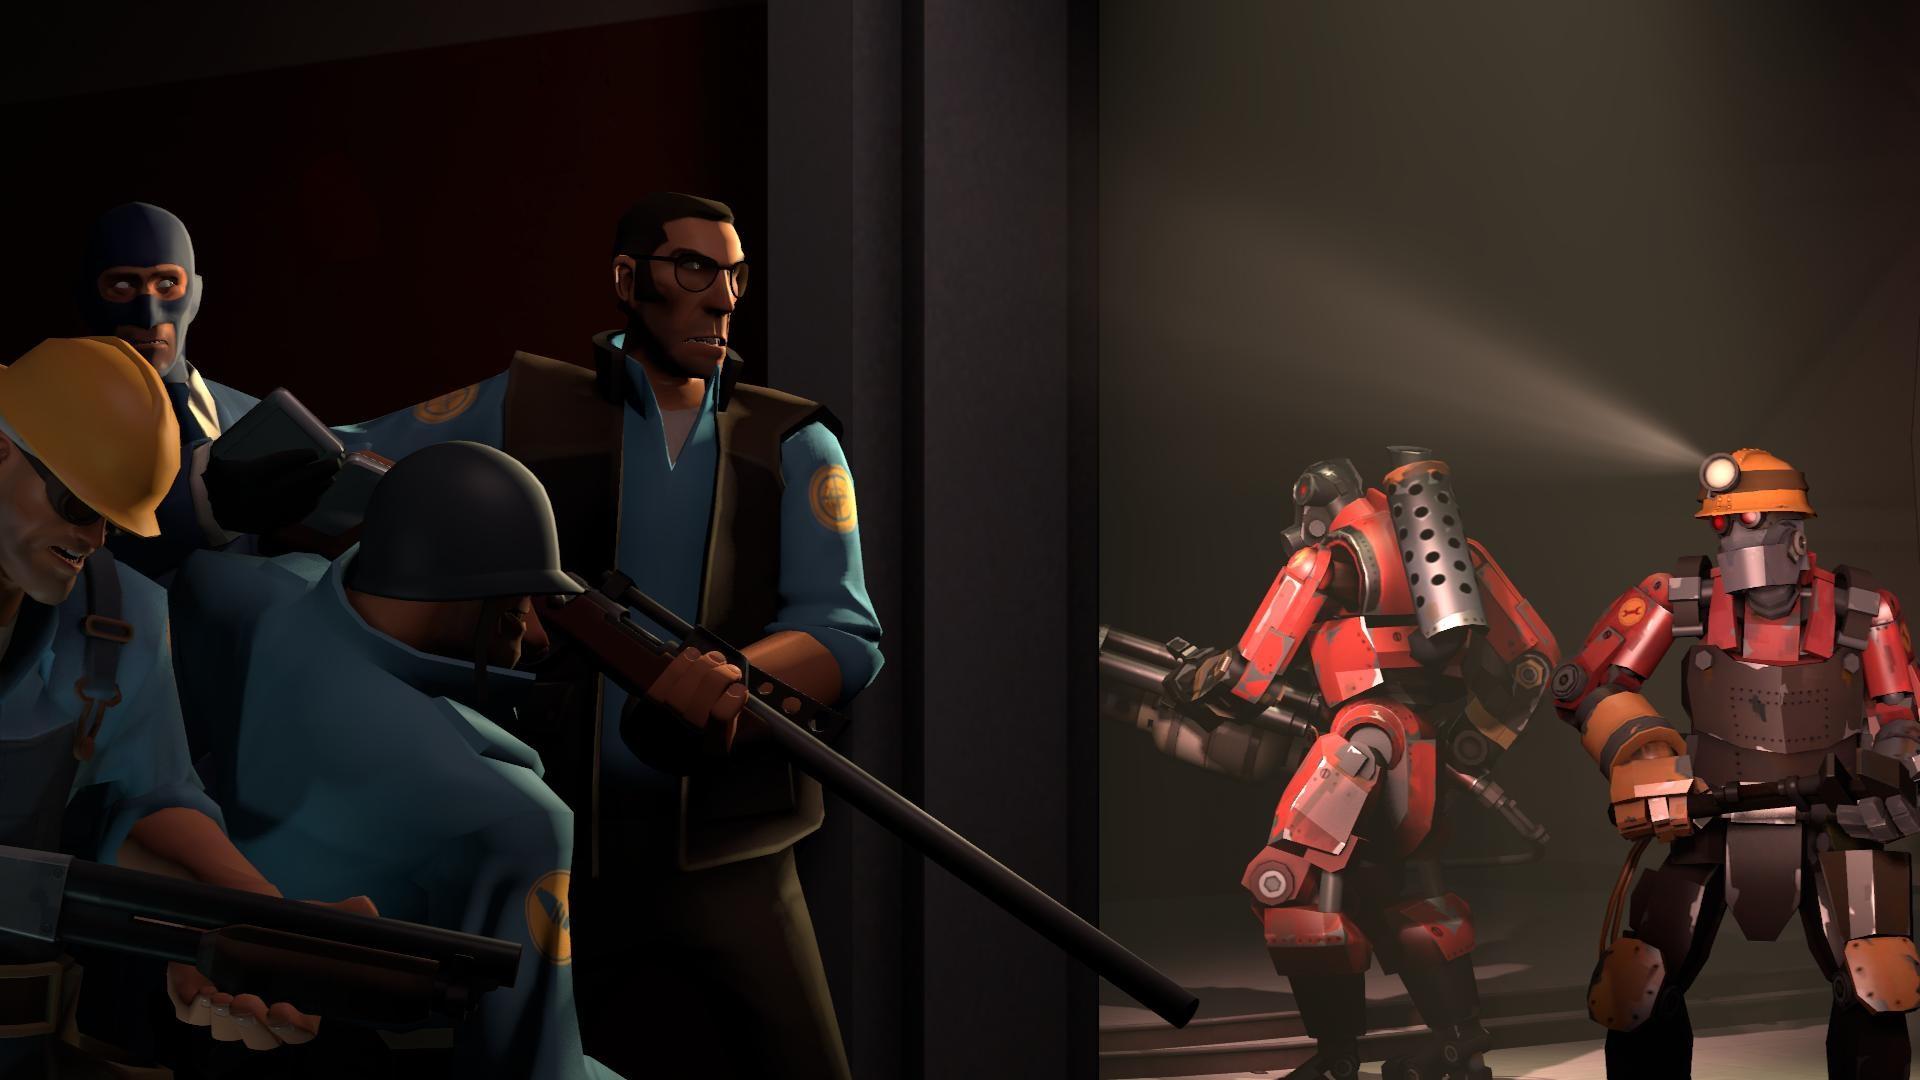 Team Fortress 2 | Gammicks